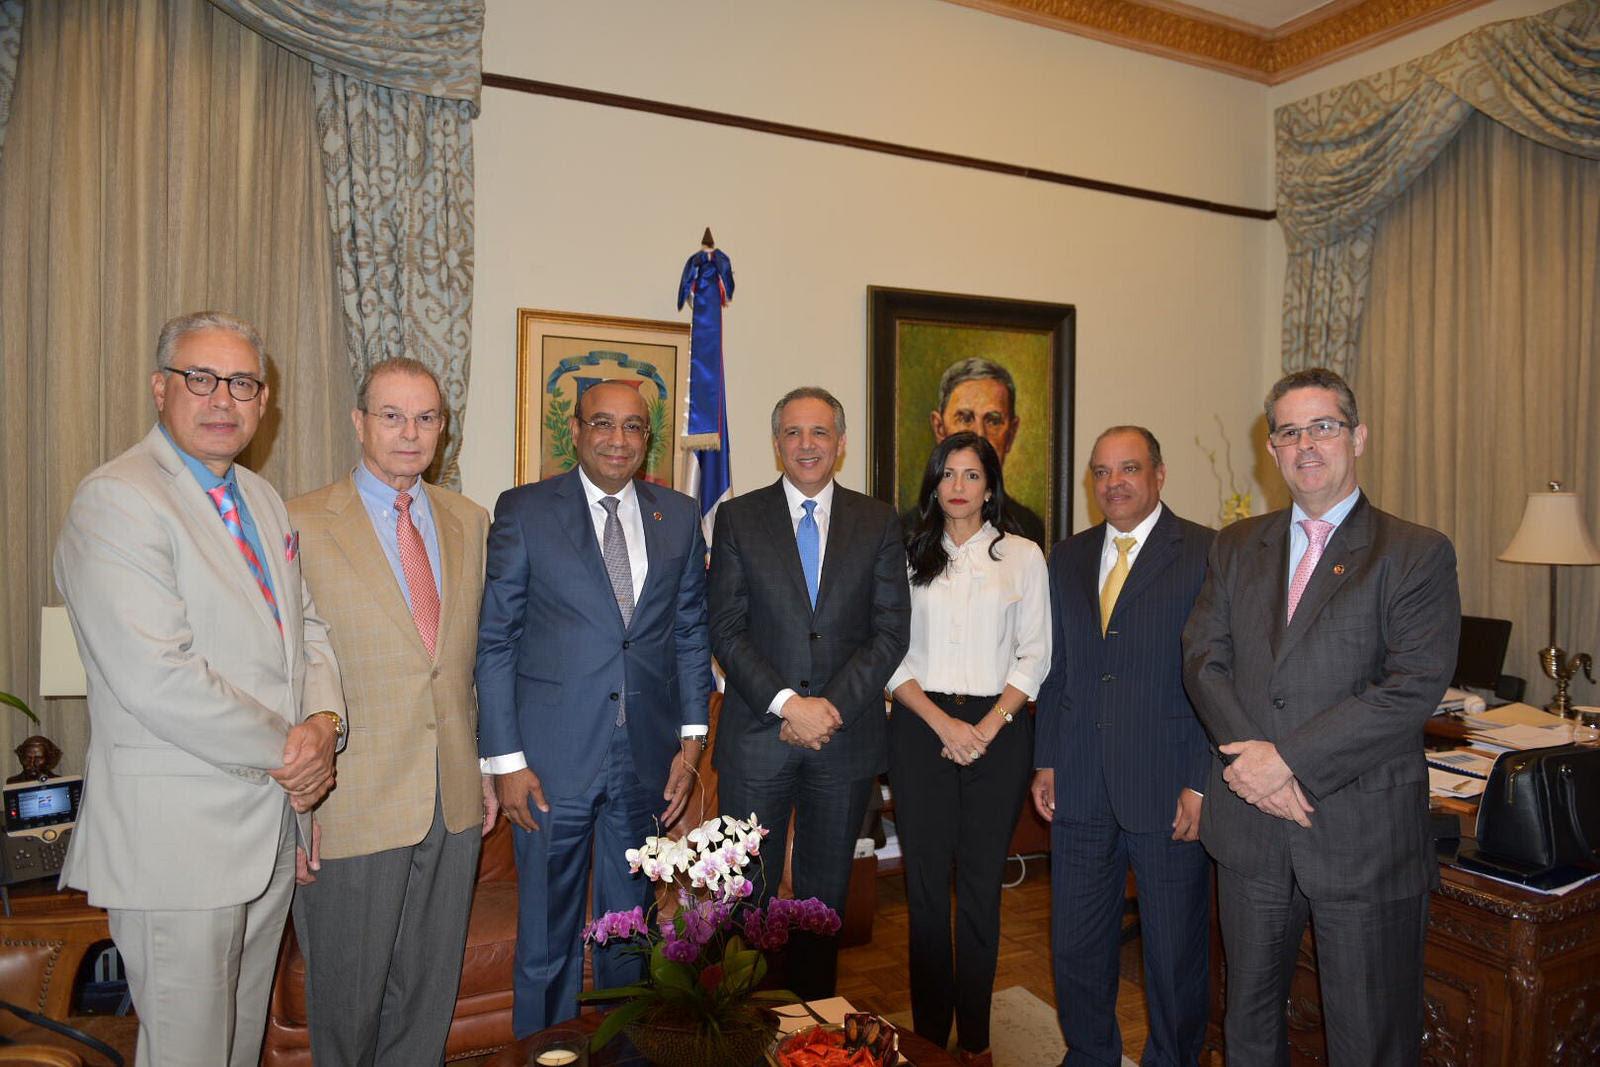 JR Peralta: firme compromiso del Gobierno con zonas francas; Adozona impulsará exportaciones